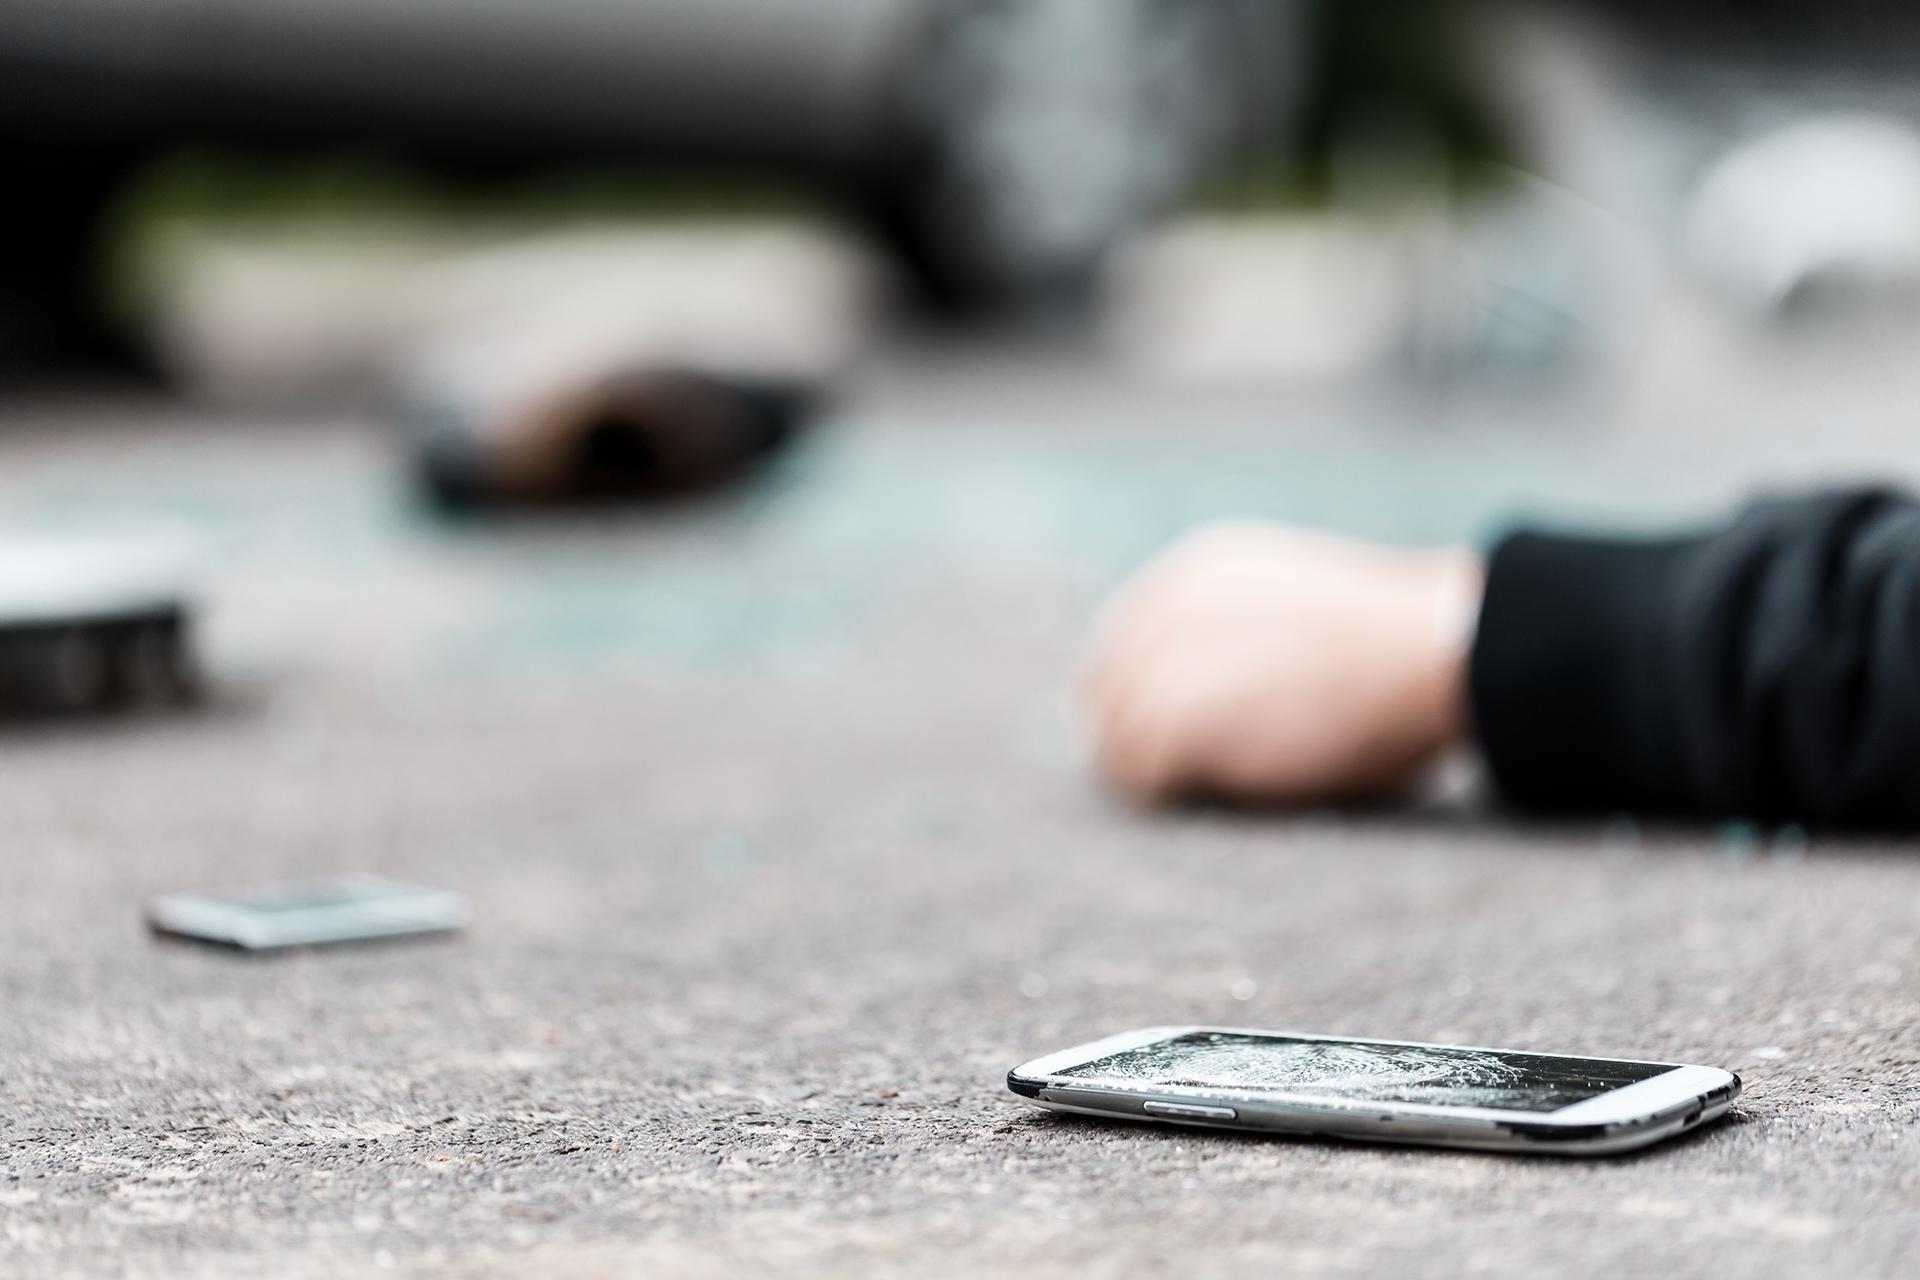 ศูนย์อุบัติเหตุกรุงเทพ